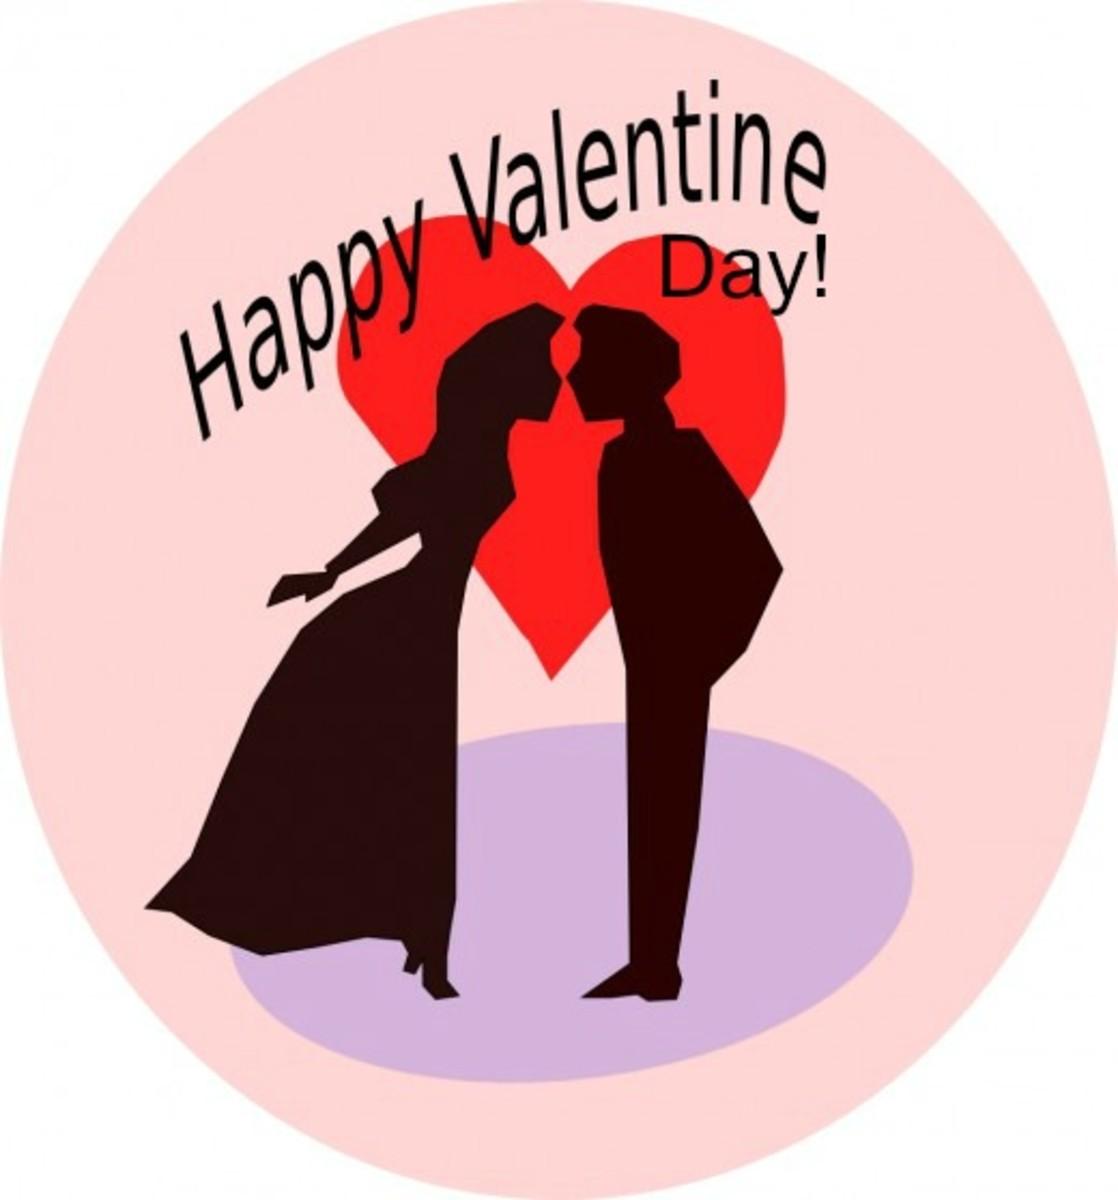 Romantic Happy Valentine Day